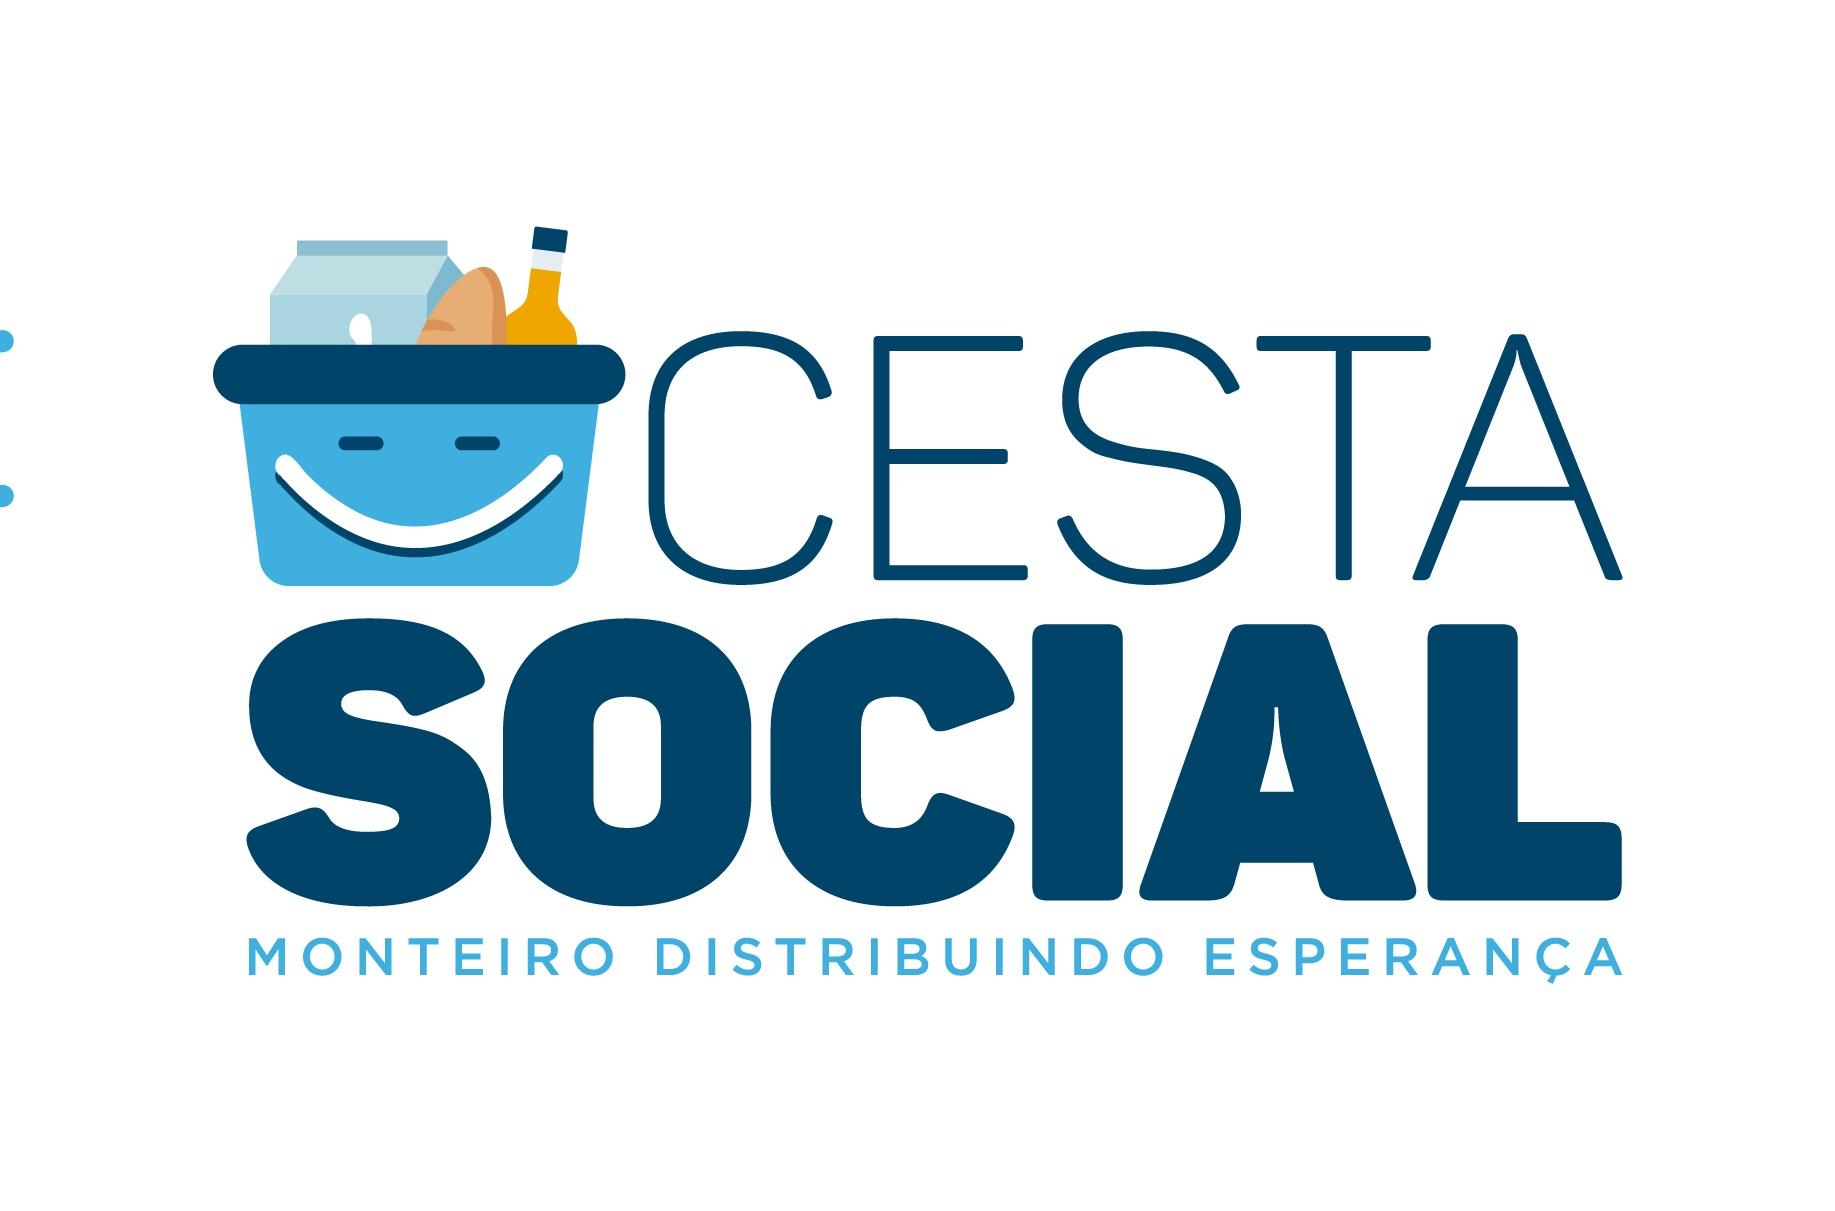 logo-cesta-social-01 Prefeitura de Monteiro faz entrega de Cestas Sociais beneficiando 500 famílias